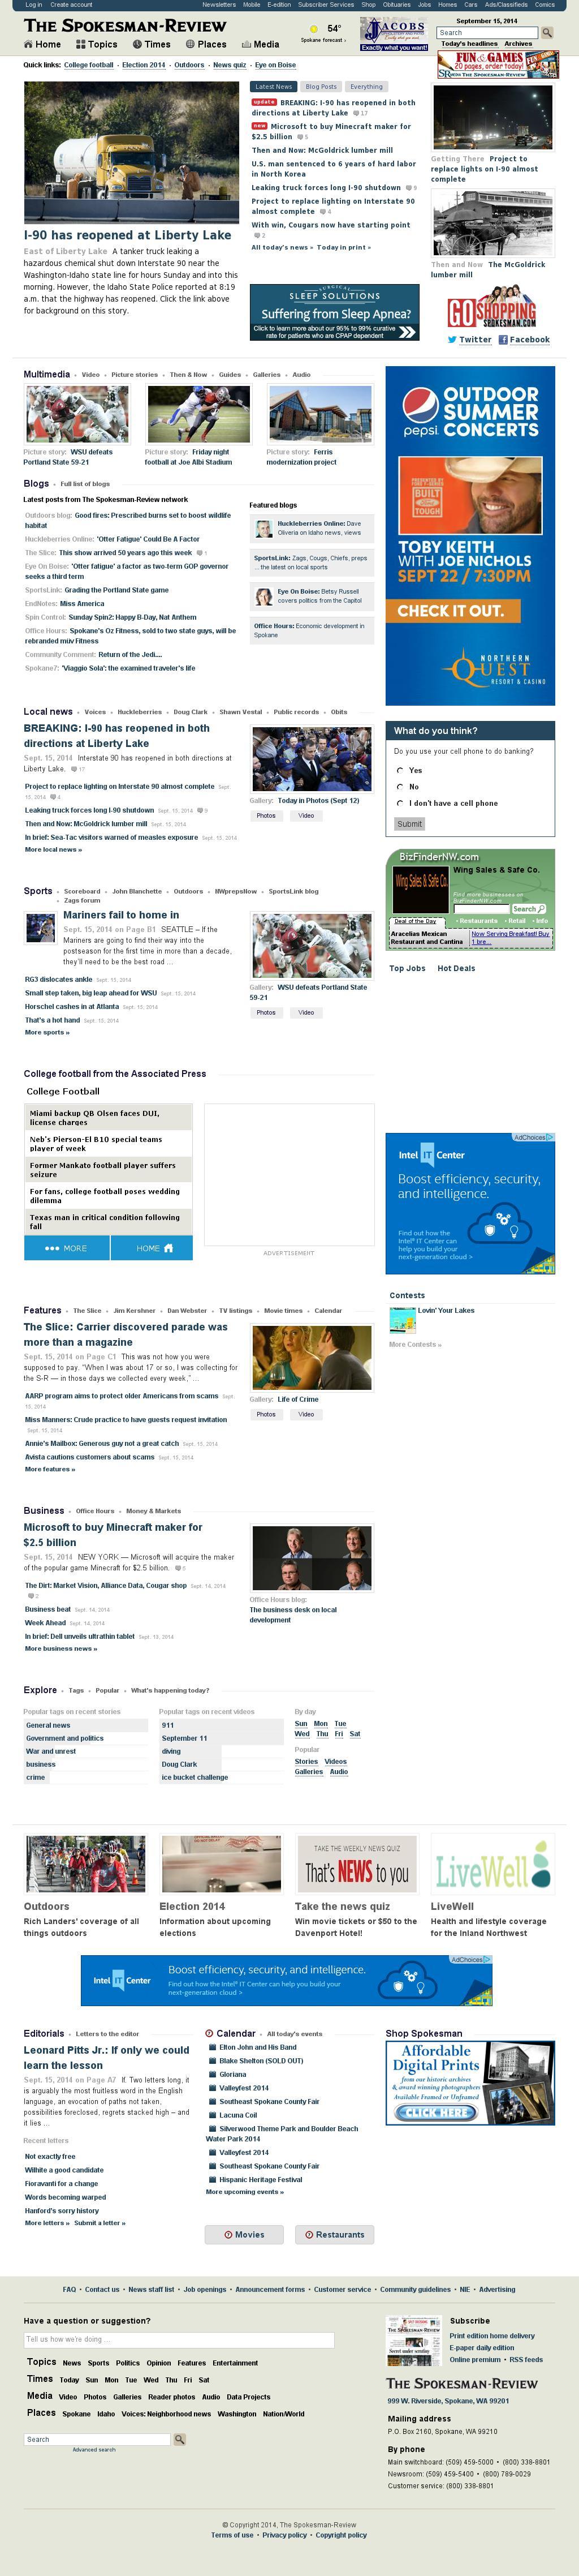 The (Spokane) Spokesman-Review at Monday Sept. 15, 2014, 4:16 p.m. UTC